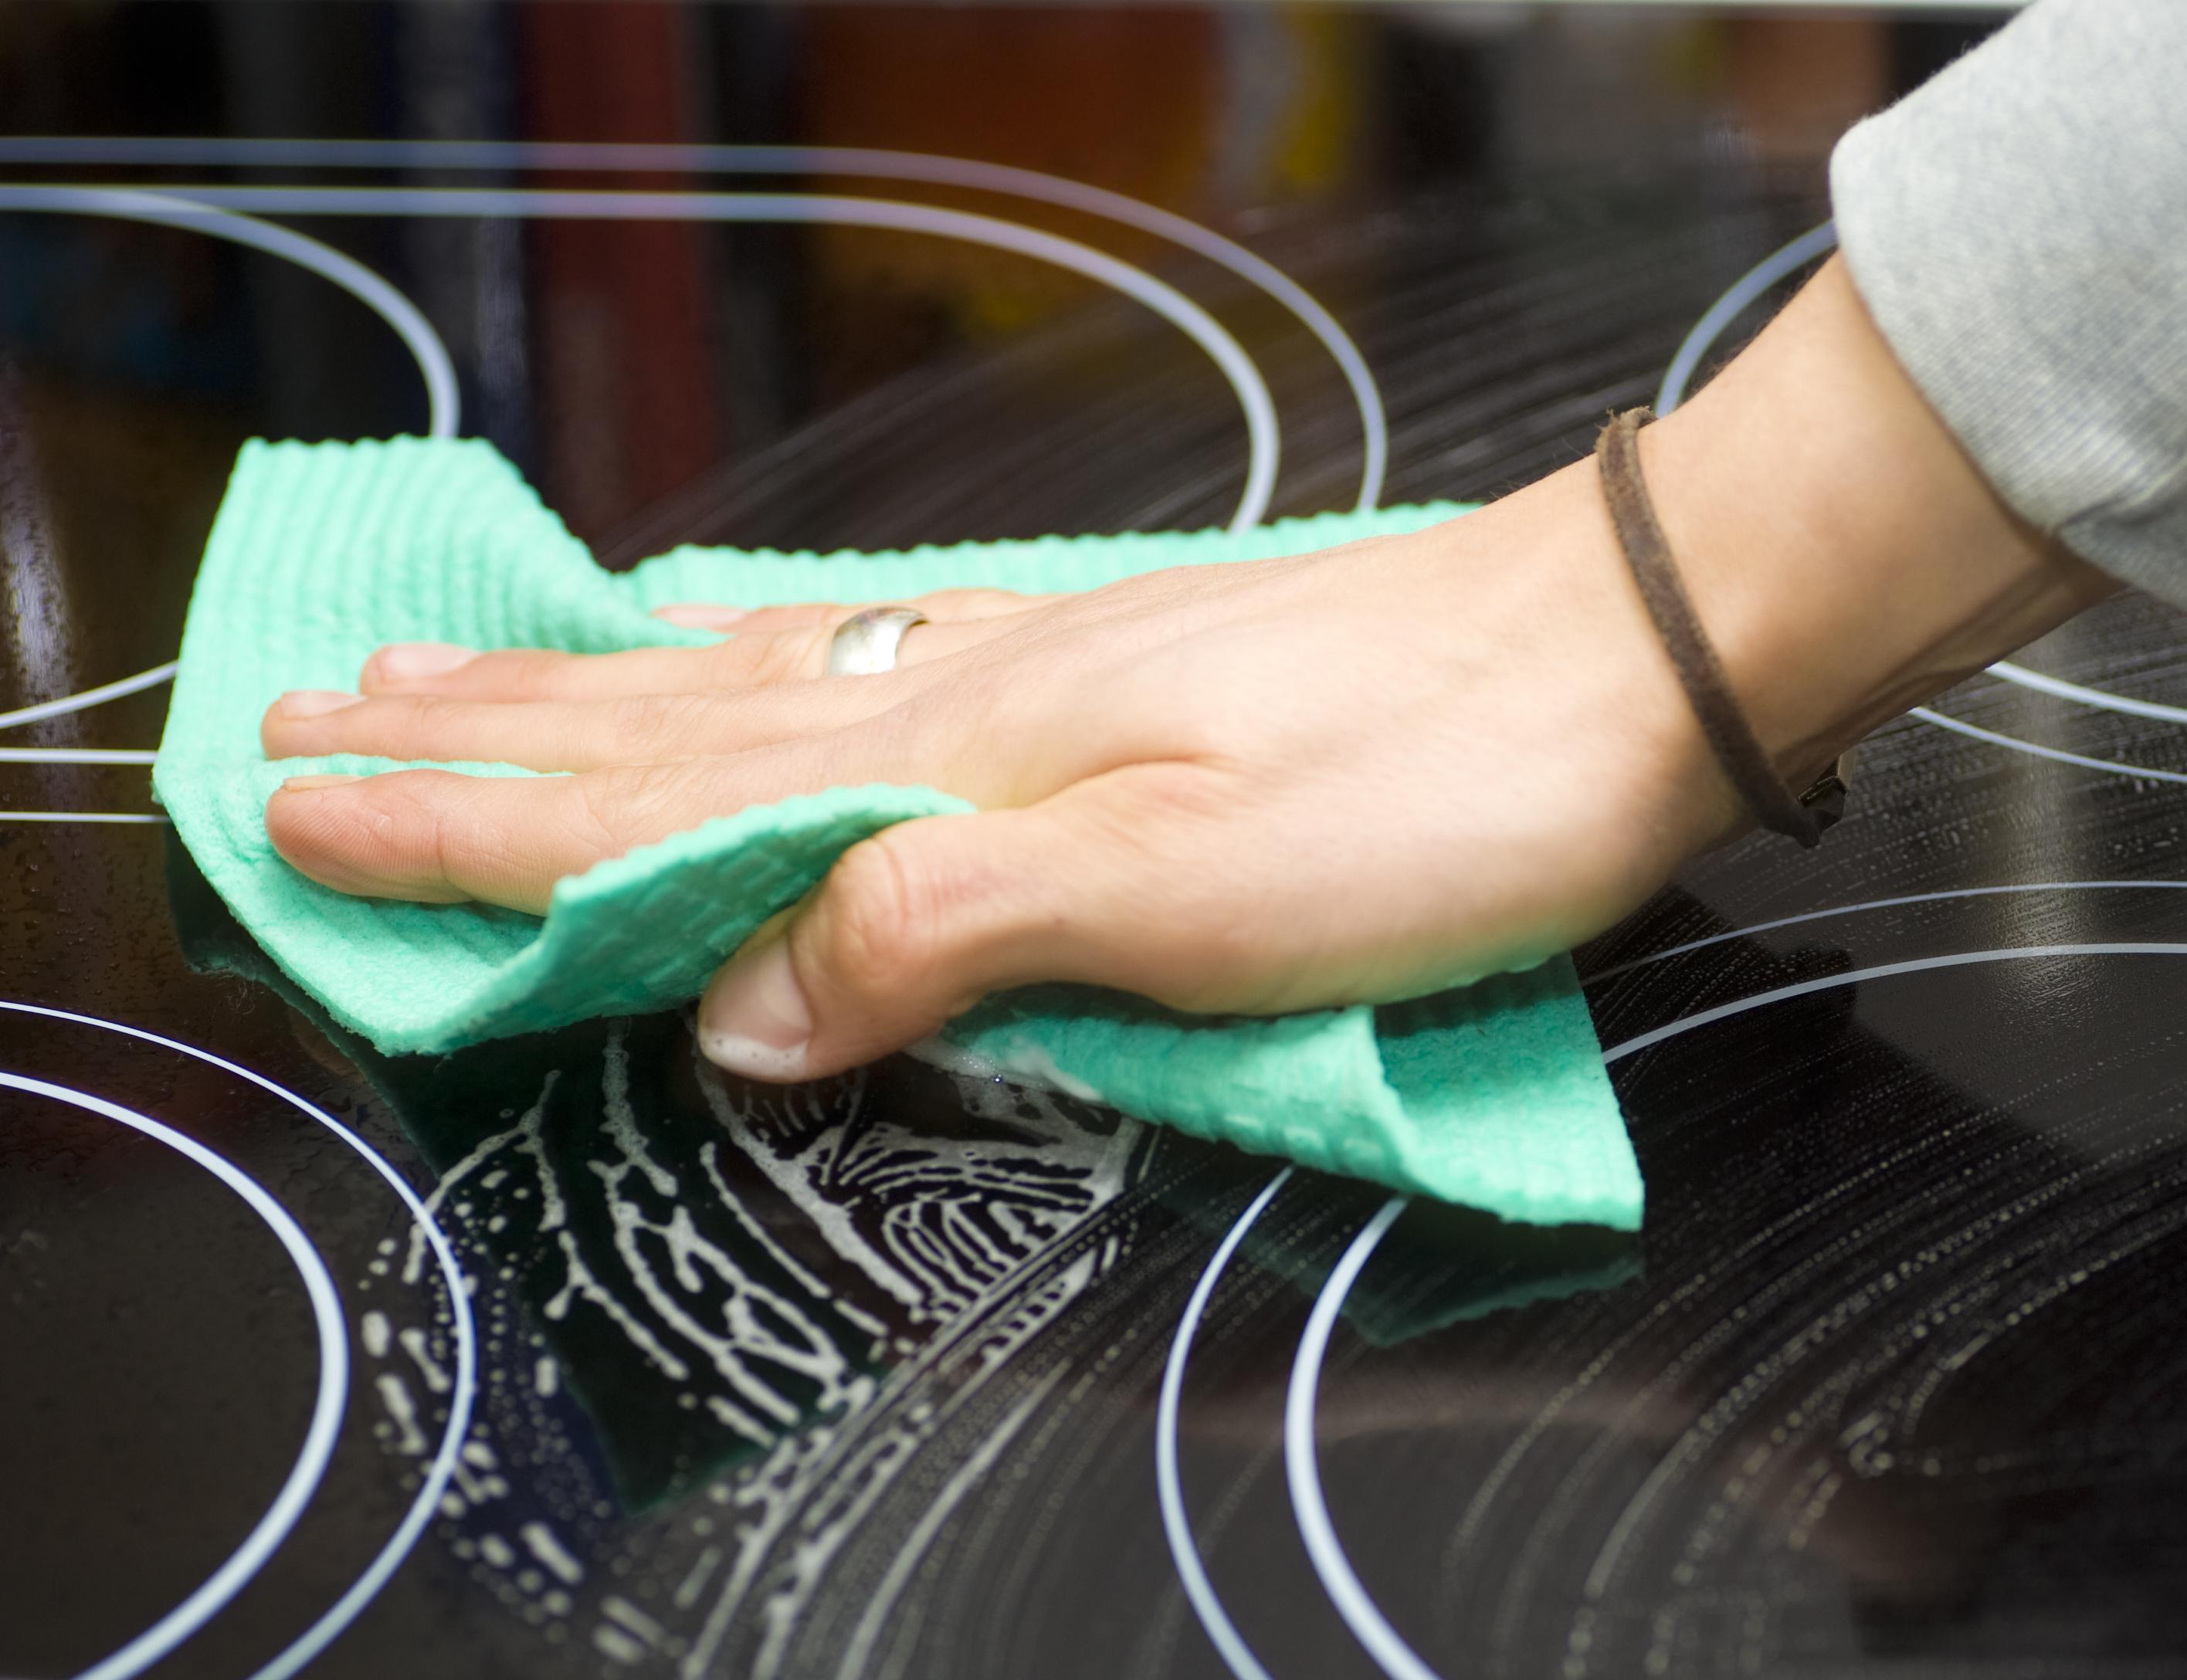 Indukciós főzőlap takarítása